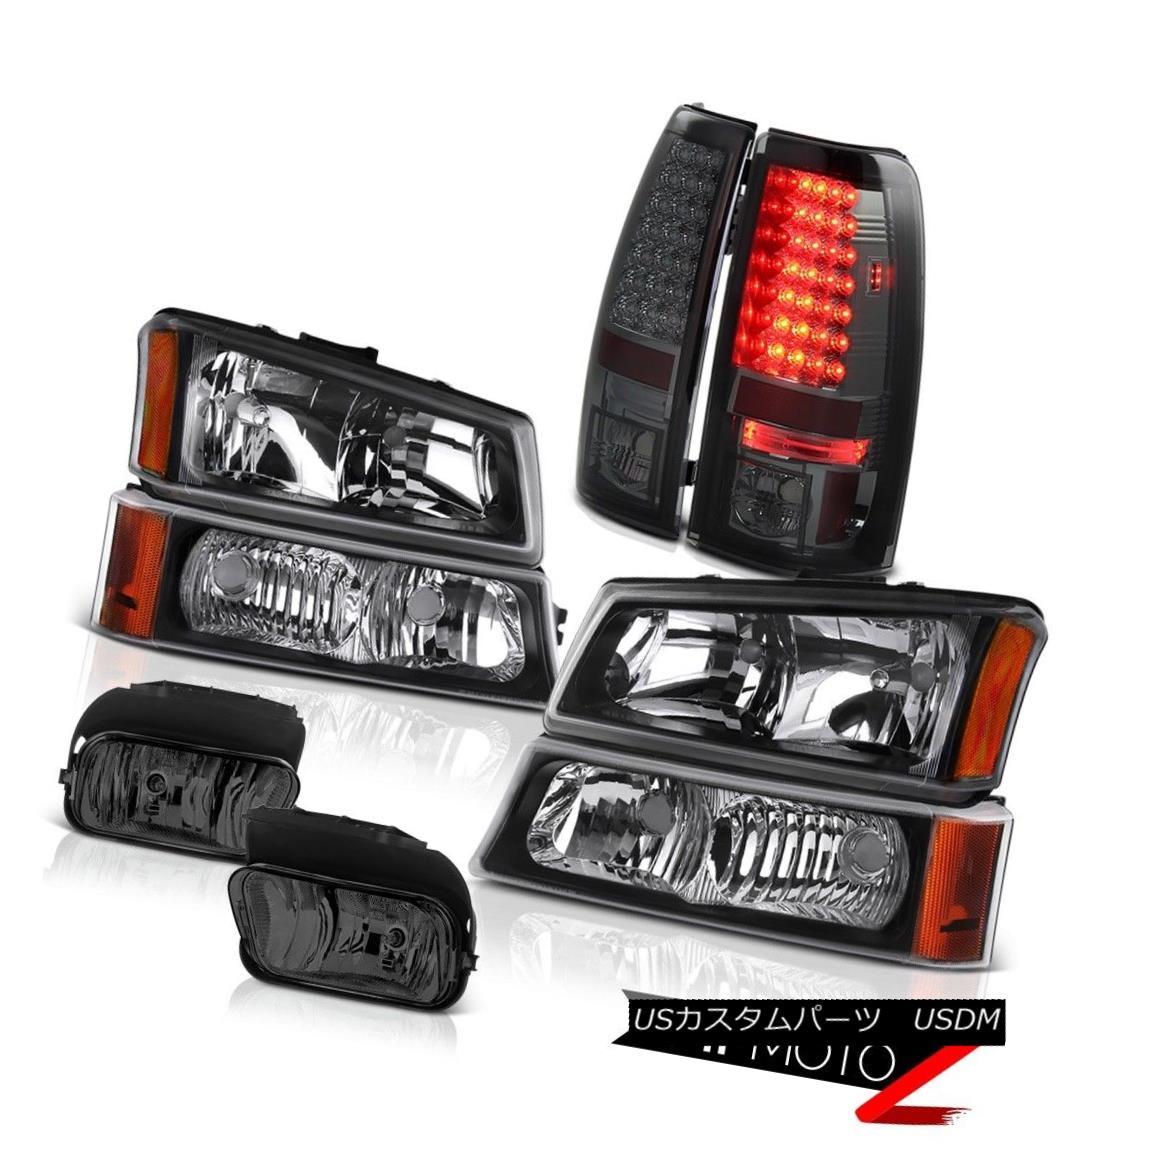 テールライト Silverado 03-06 Bumper Parking Headlights Bright LED Taillamps Front Driving Fog シルバラード03-06バンパーパーキングヘッドライト明るいLEDタイルランプフロントドライビングフォグ